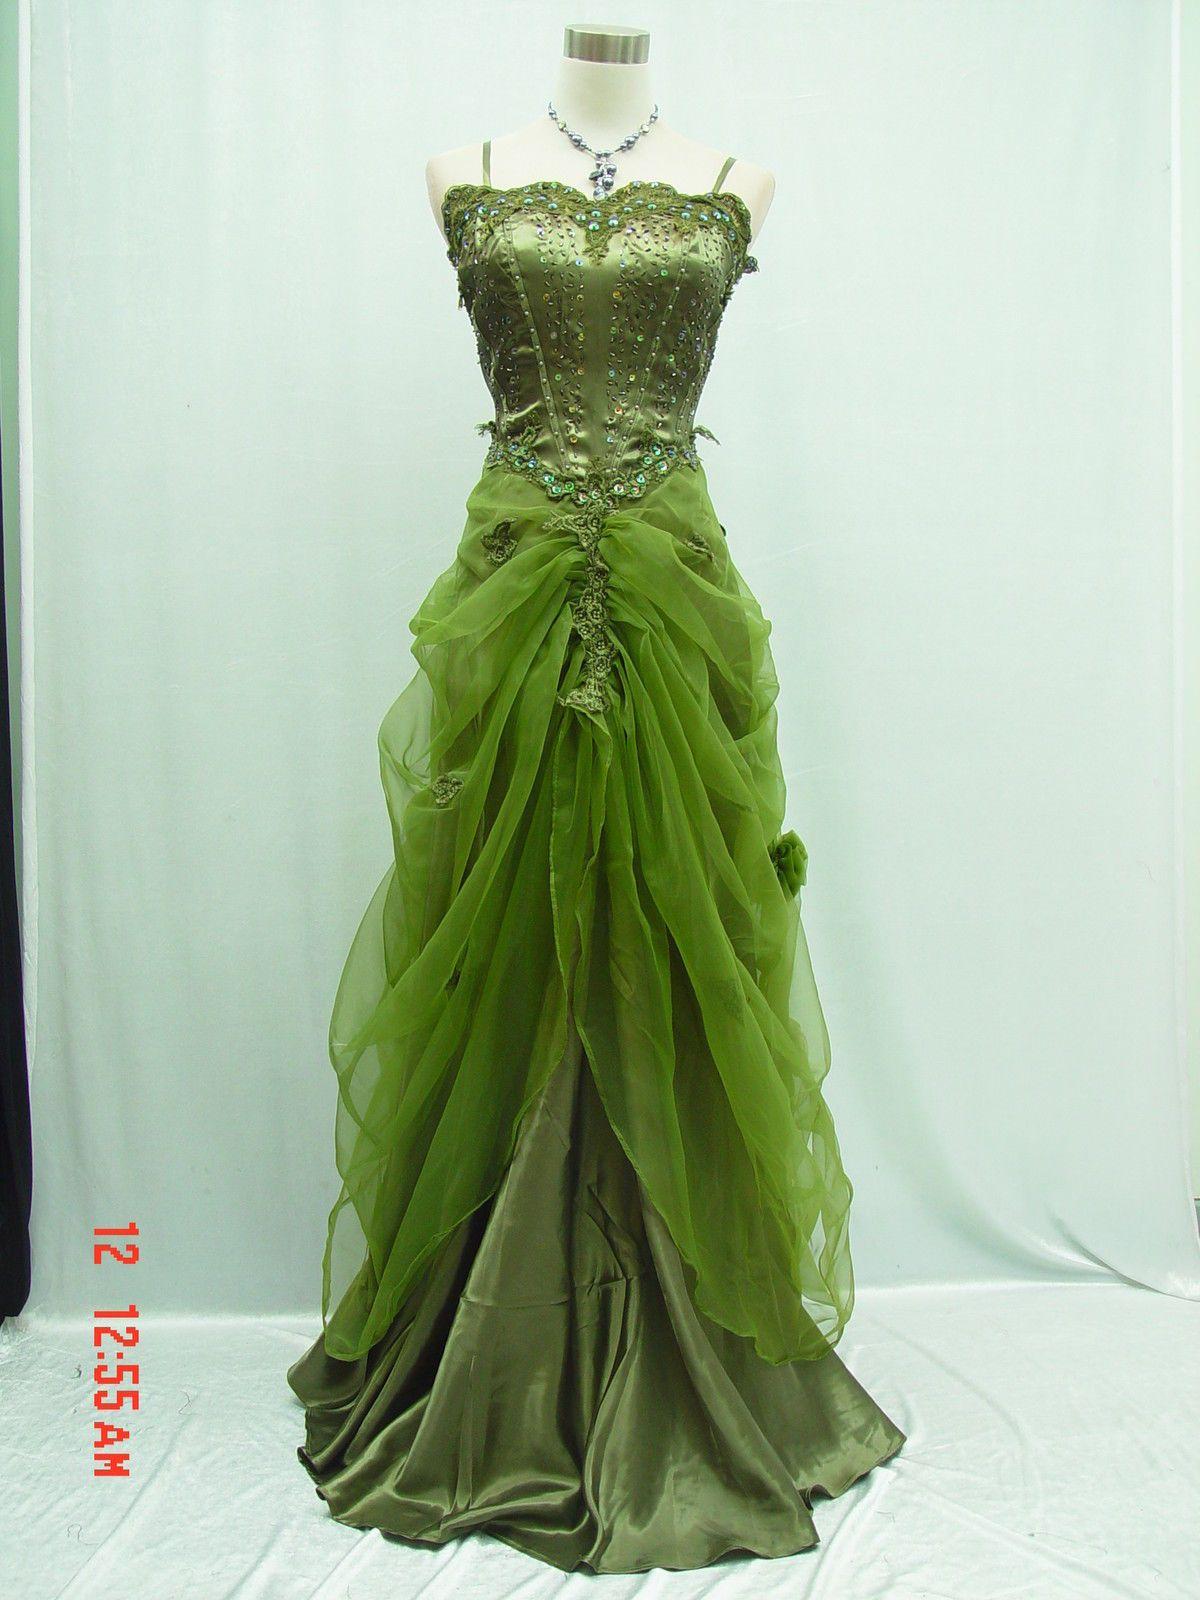 Cherlone Satin Grün Hochzeit/Abend Abendkleid Ballkleid Brautkleid